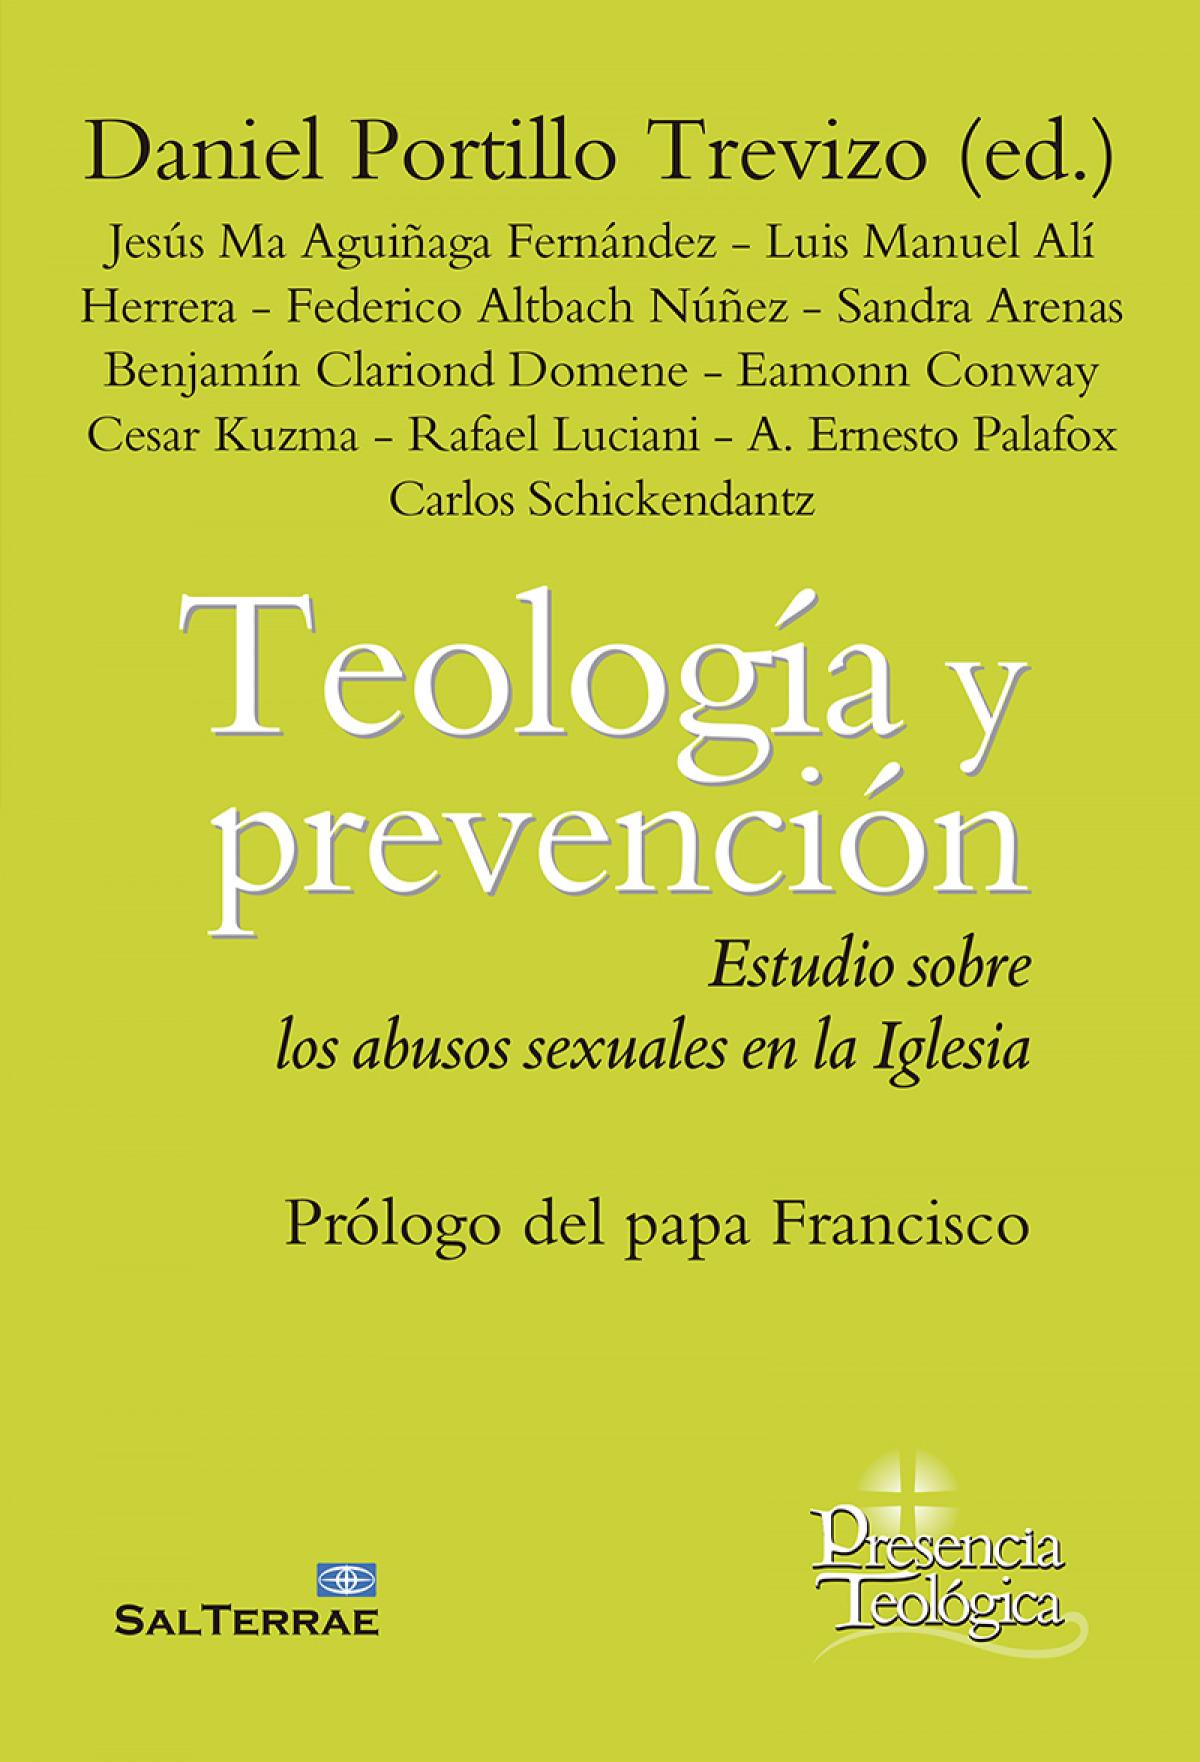 Teologáa y prevención